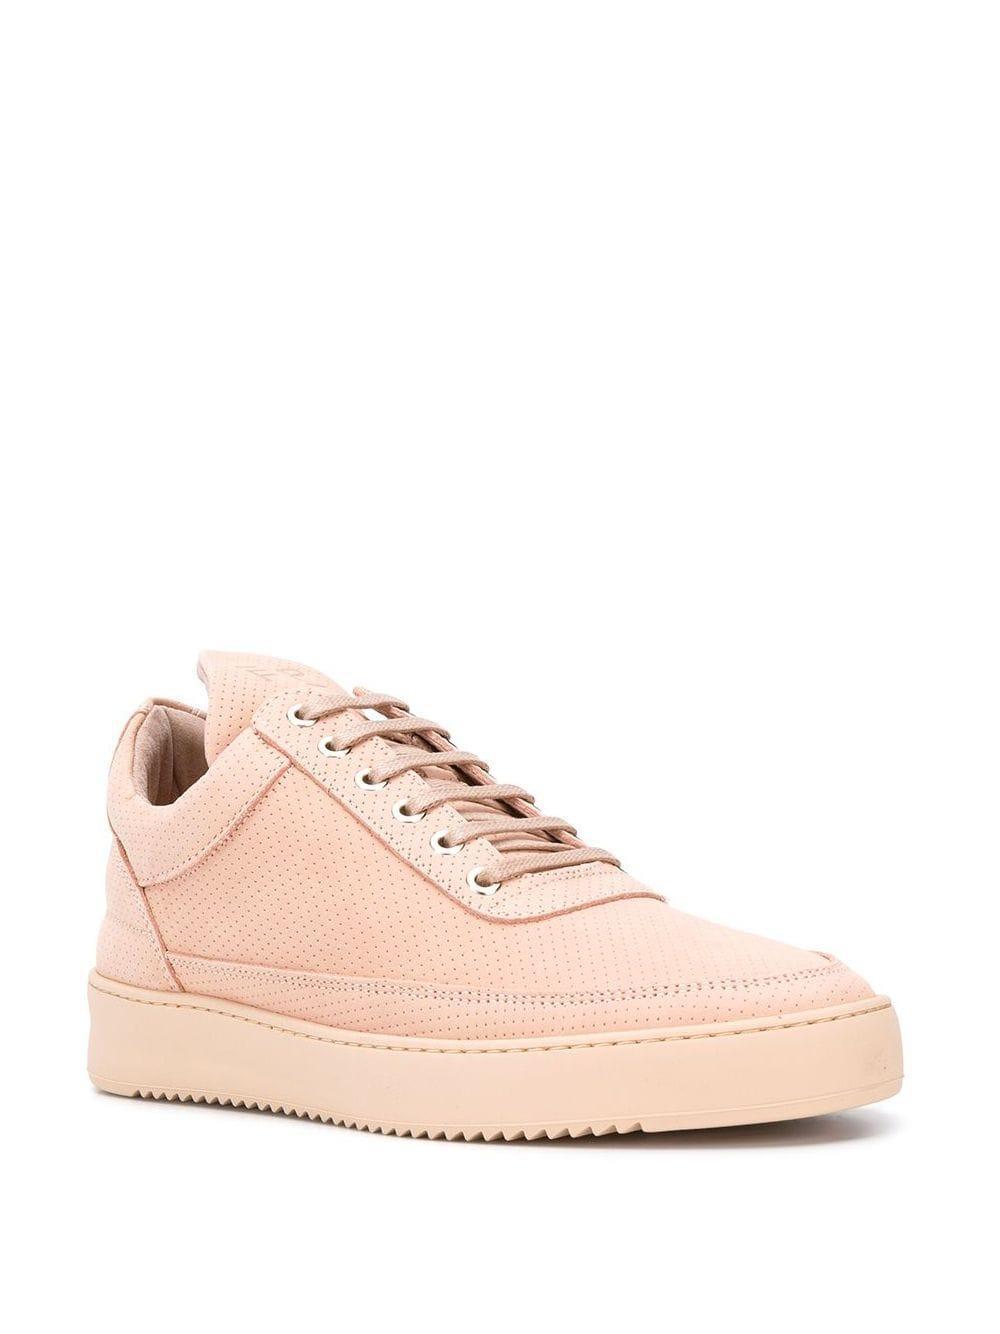 Filling Pieces Leer Geperforeerde Plateau Sneakers in het Roze voor heren